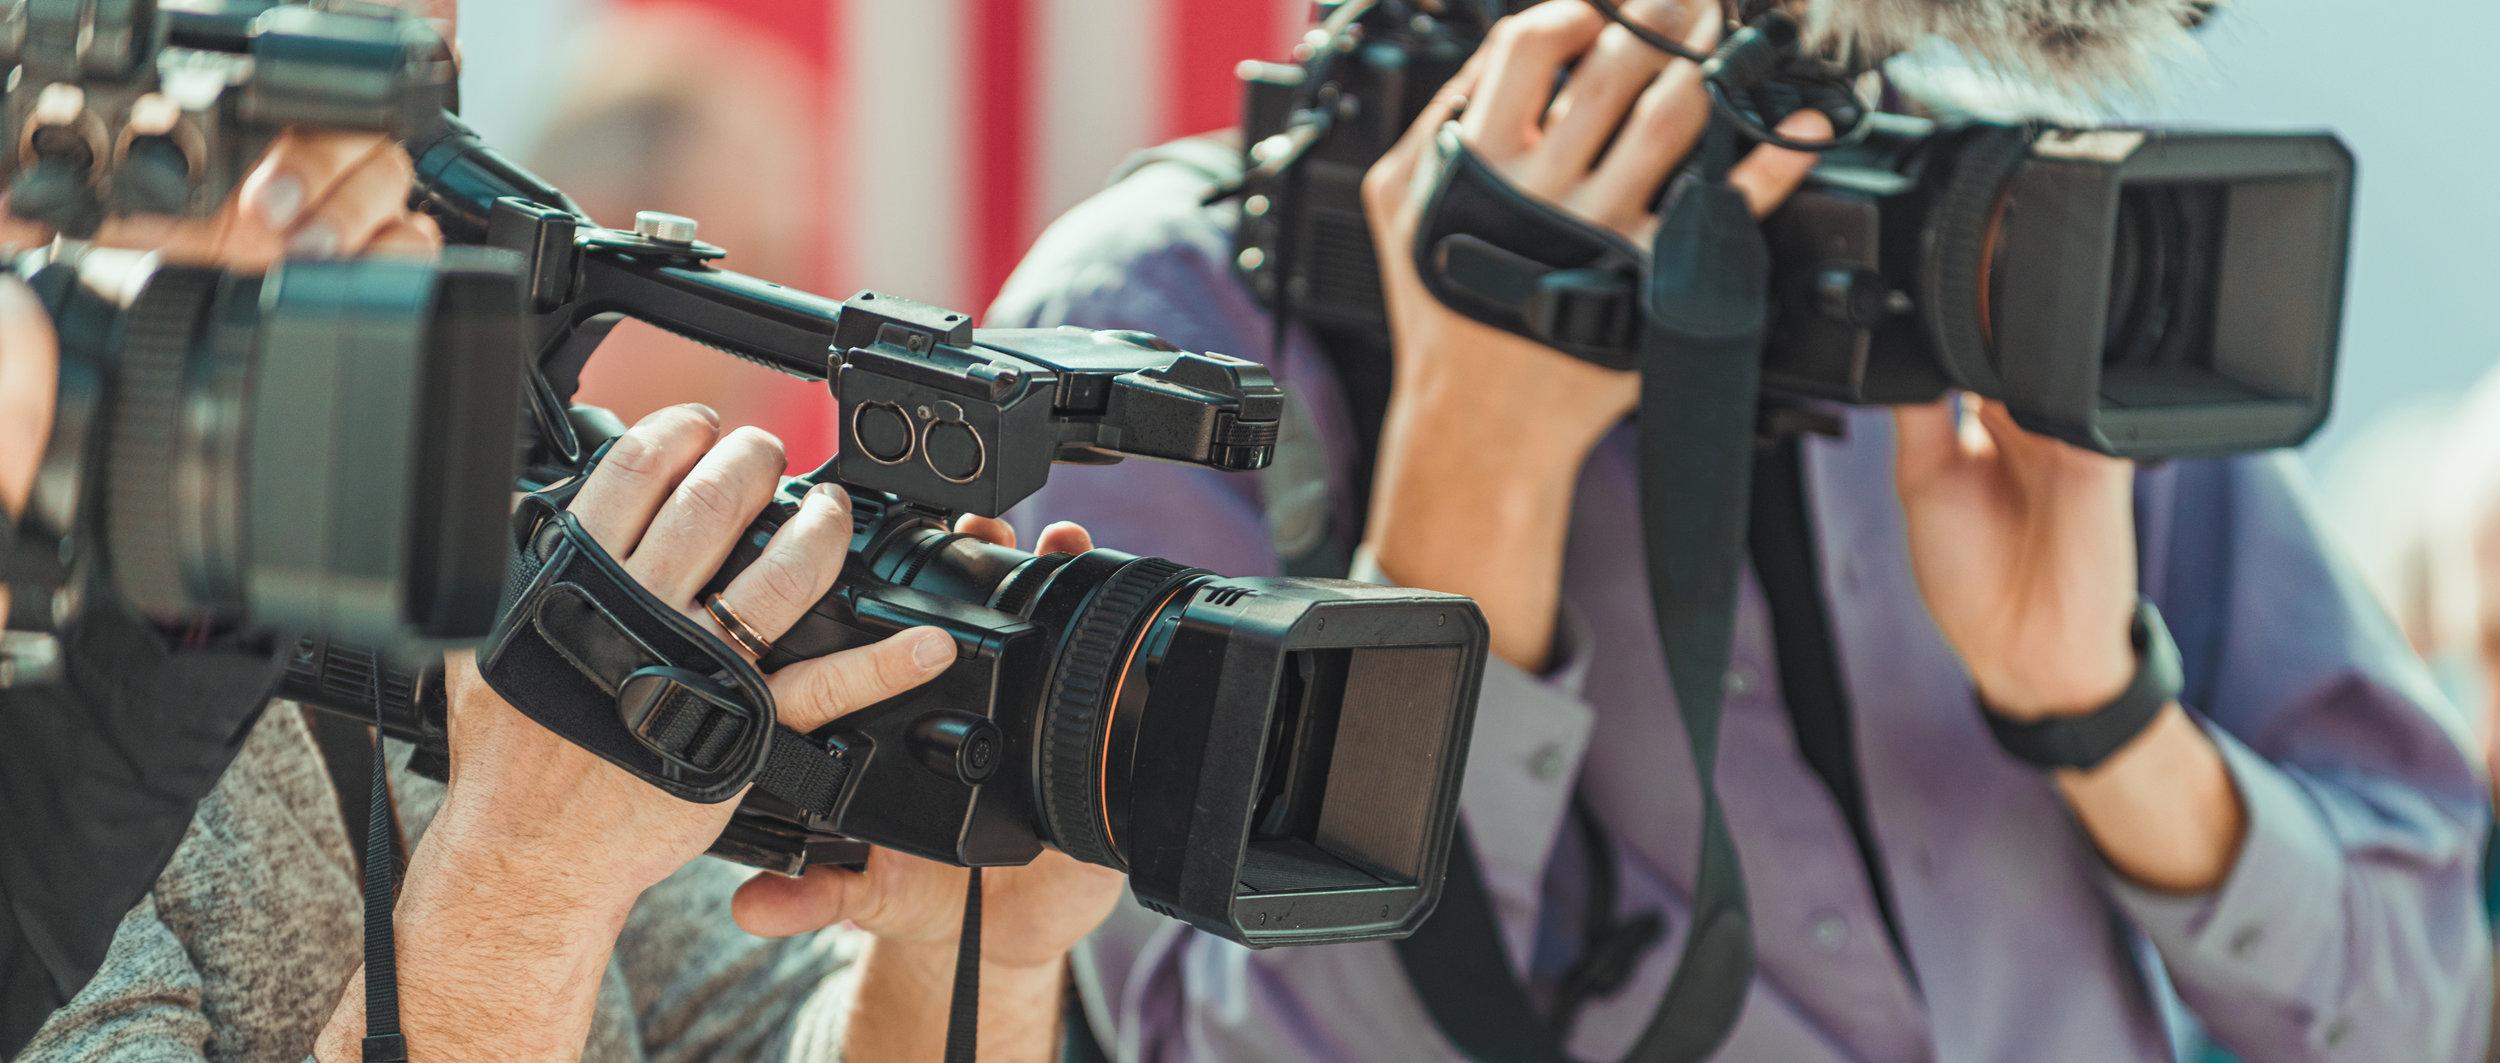 media-event-HFCD2GW.jpg